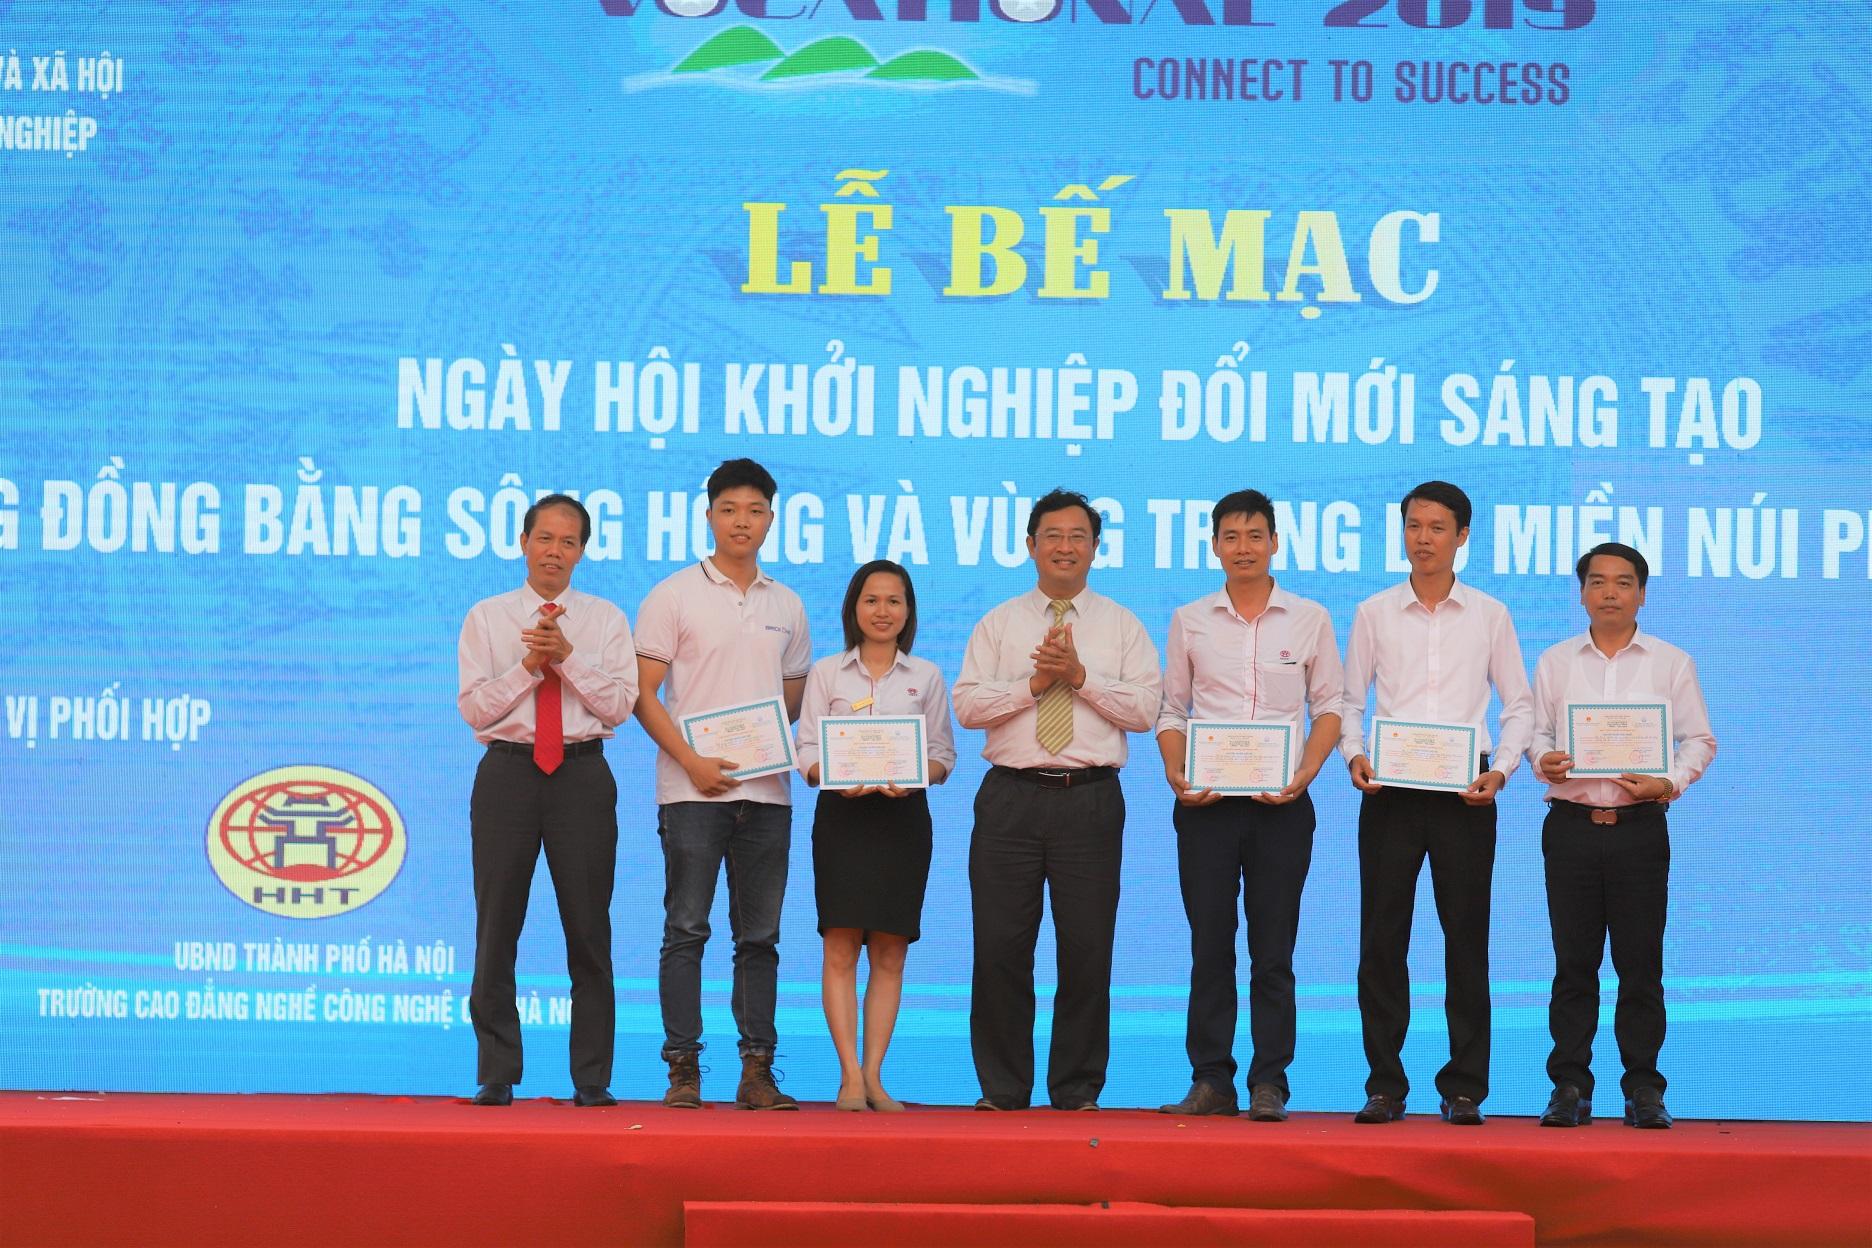 Ban tổ chức trao giải cho 5 đội thi xuất sắc vòng Chung kết cuộc thi tìm kiếm tài năng khởi nghiệp ĐMST vùng Đồng bằng sông Hồng và Trung du miền núi phía Bắc